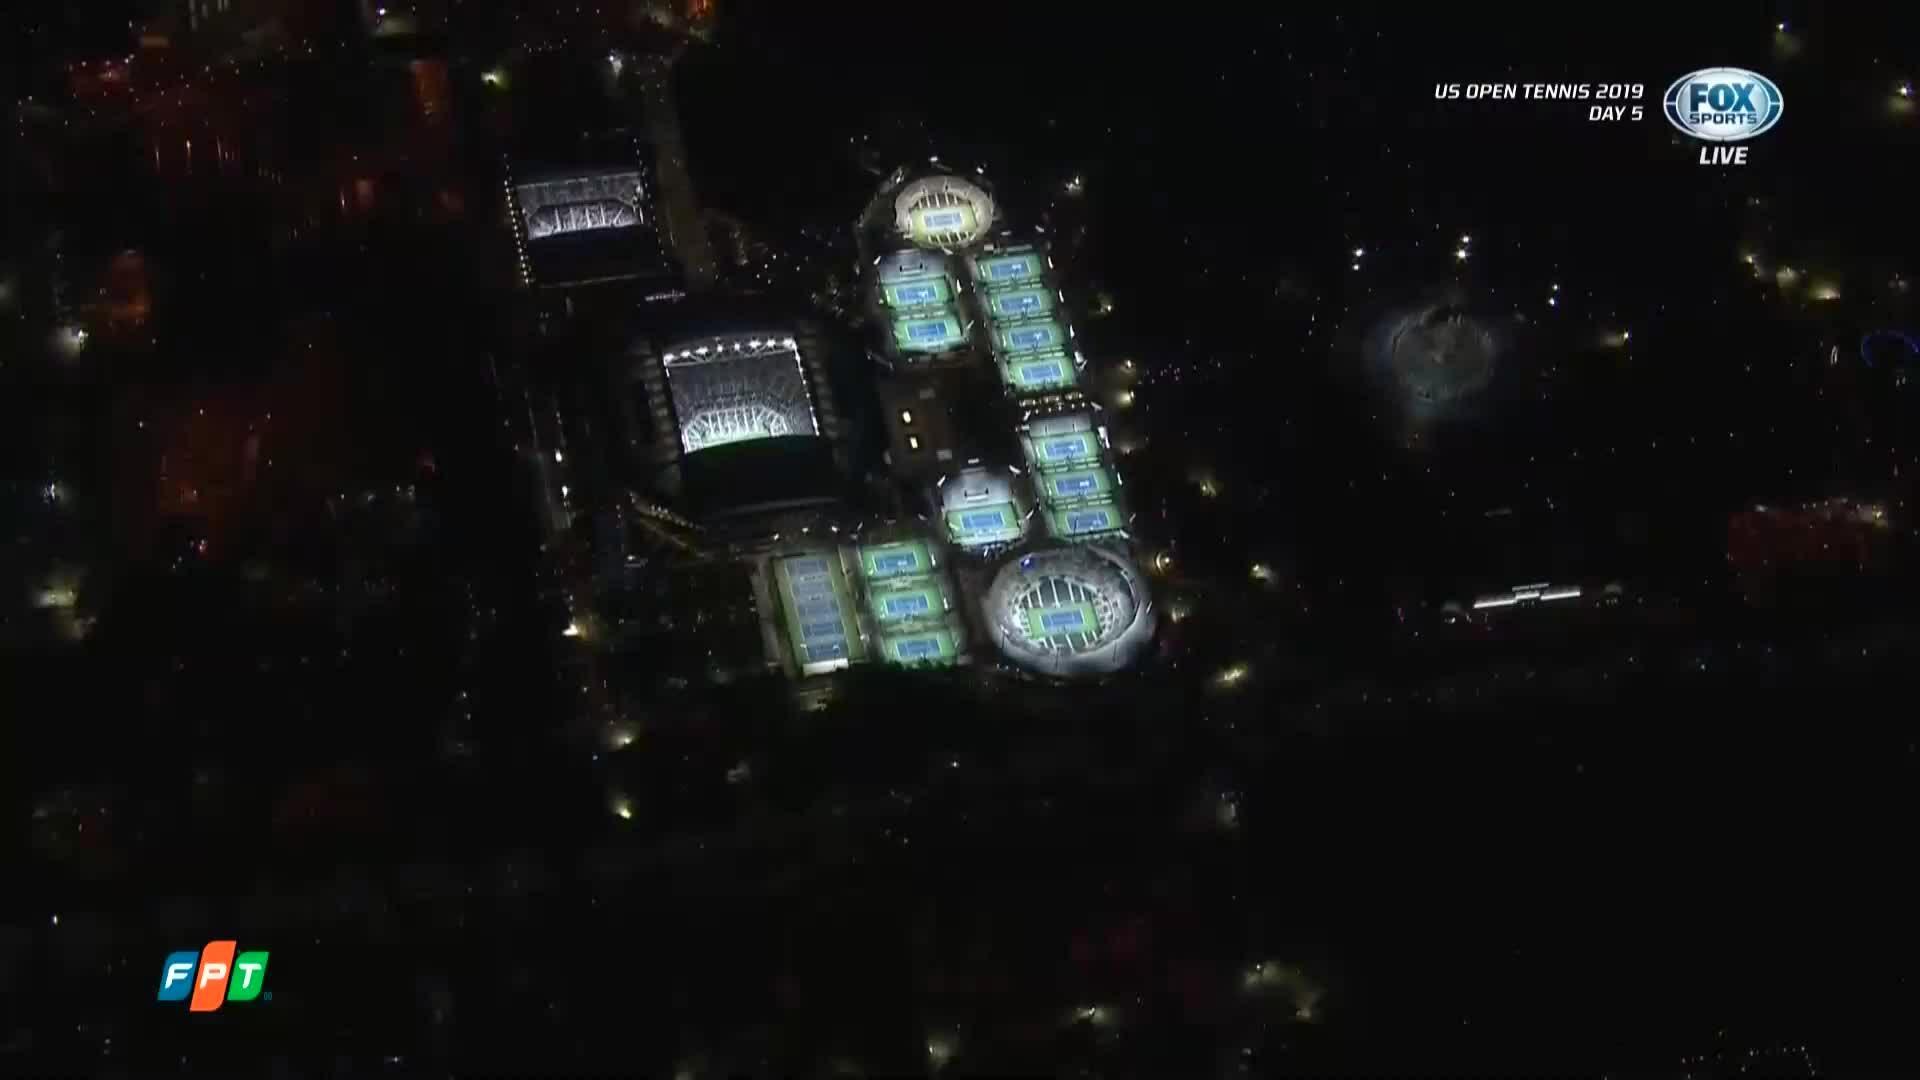 Novak Djokovic 3-0 Denis Kudla